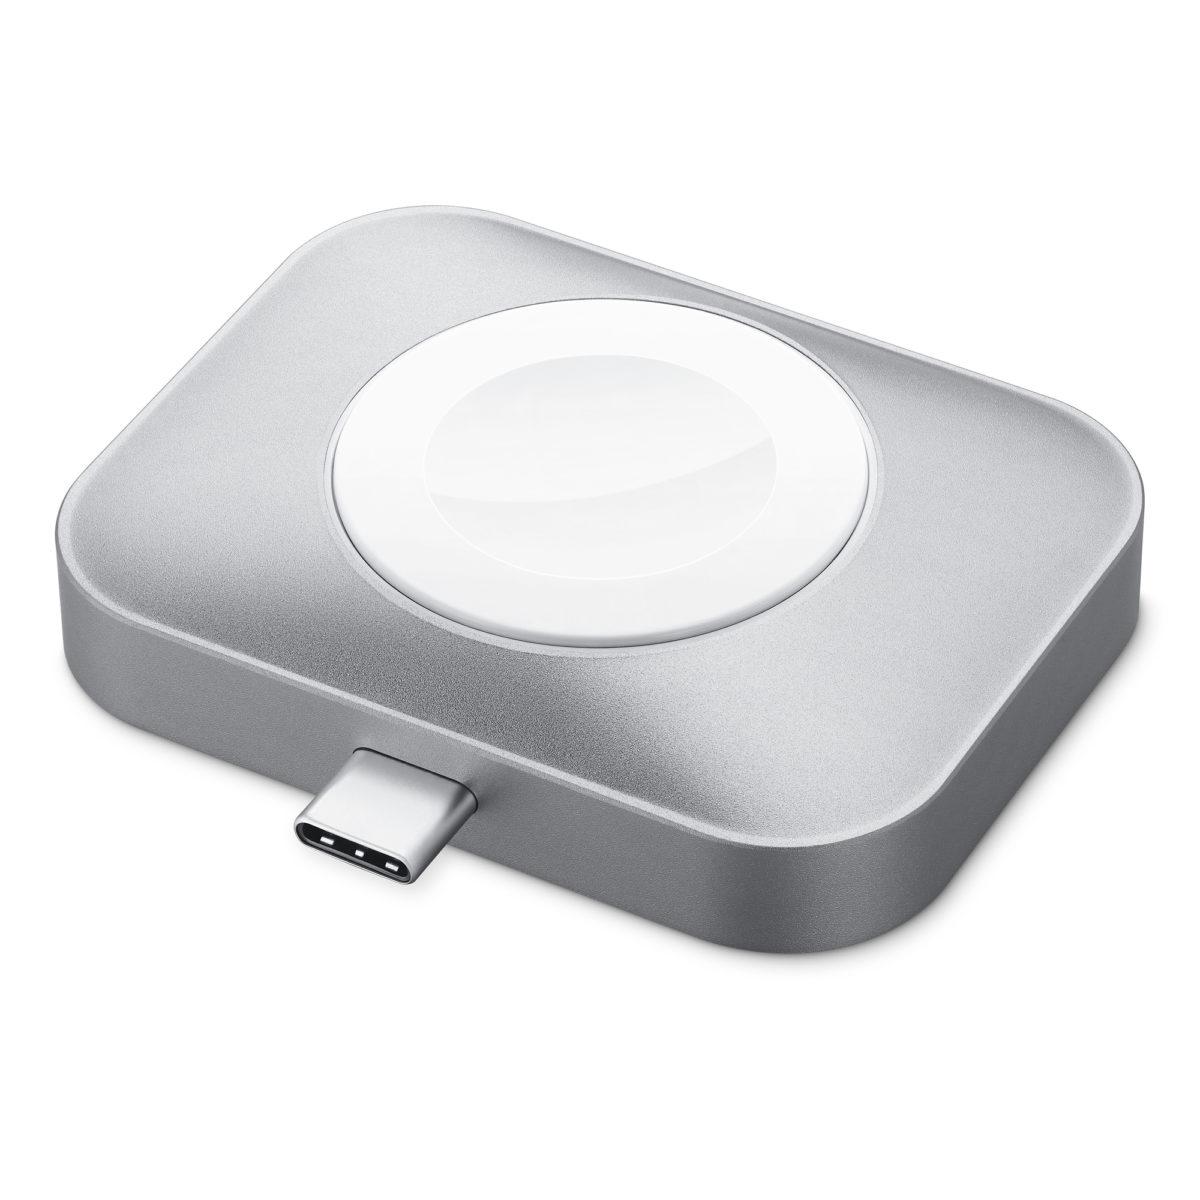 另一邊是 Apple Watch 用的充電器。